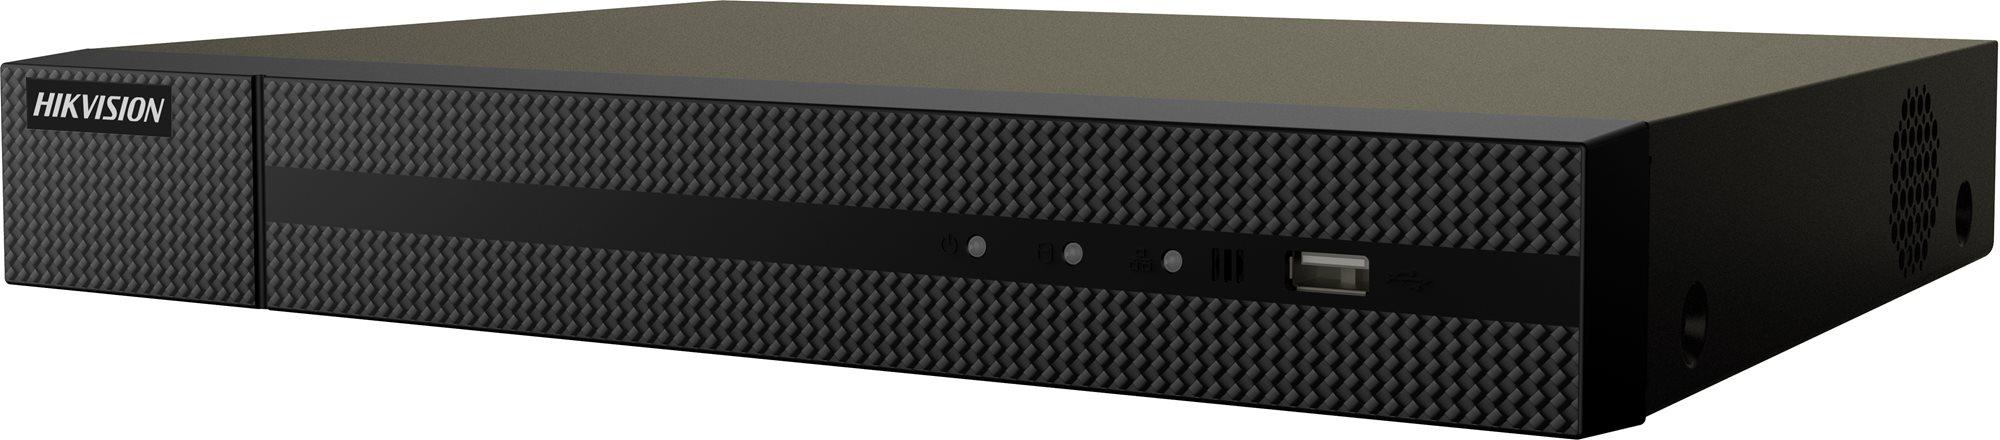 HiWatch HWN-2104MH-4P, NVR, 4MP, felvevő, 4 ch, 1 HDD, 4 PoE